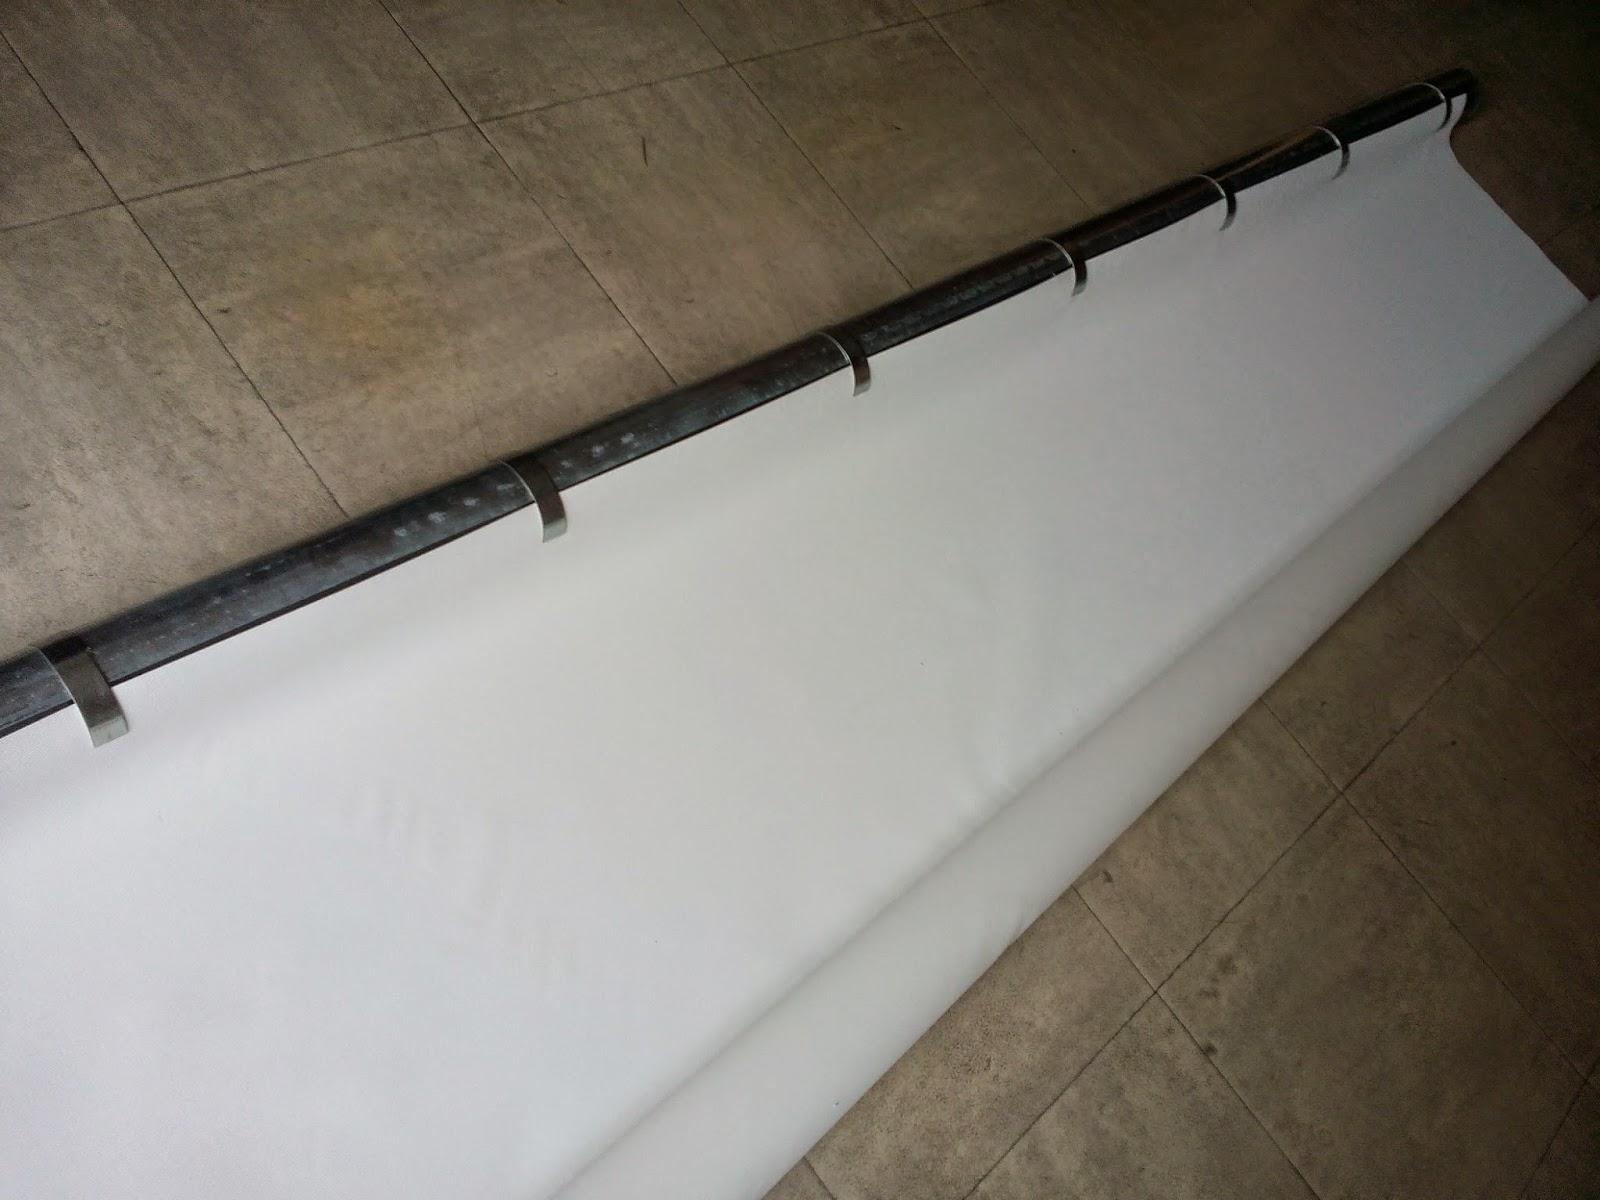 fabriquer son cran electrique transonore page 17 29893257 sur le forum vid o ecrans. Black Bedroom Furniture Sets. Home Design Ideas